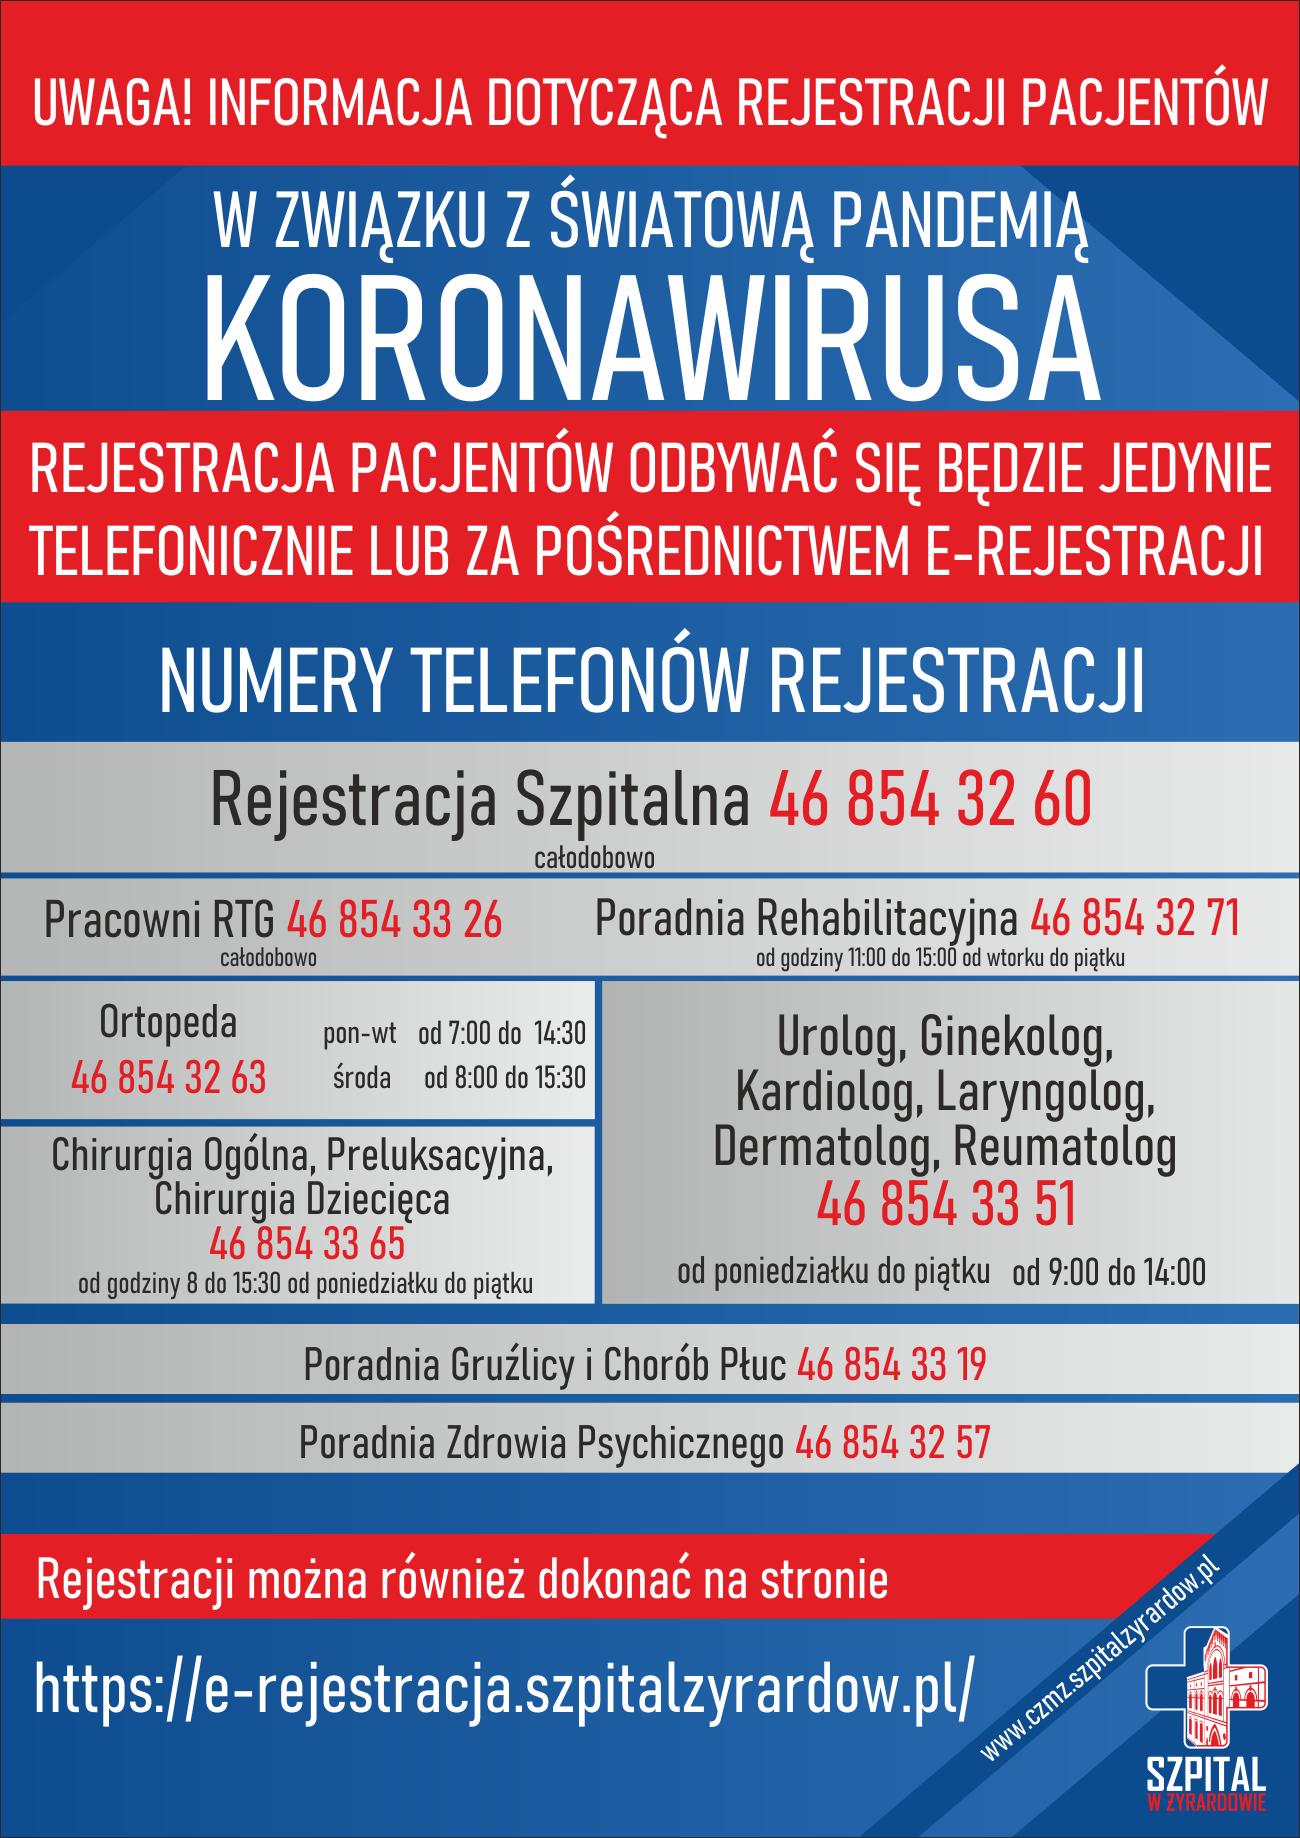 Telefoniczna rejestracja pacjentów.